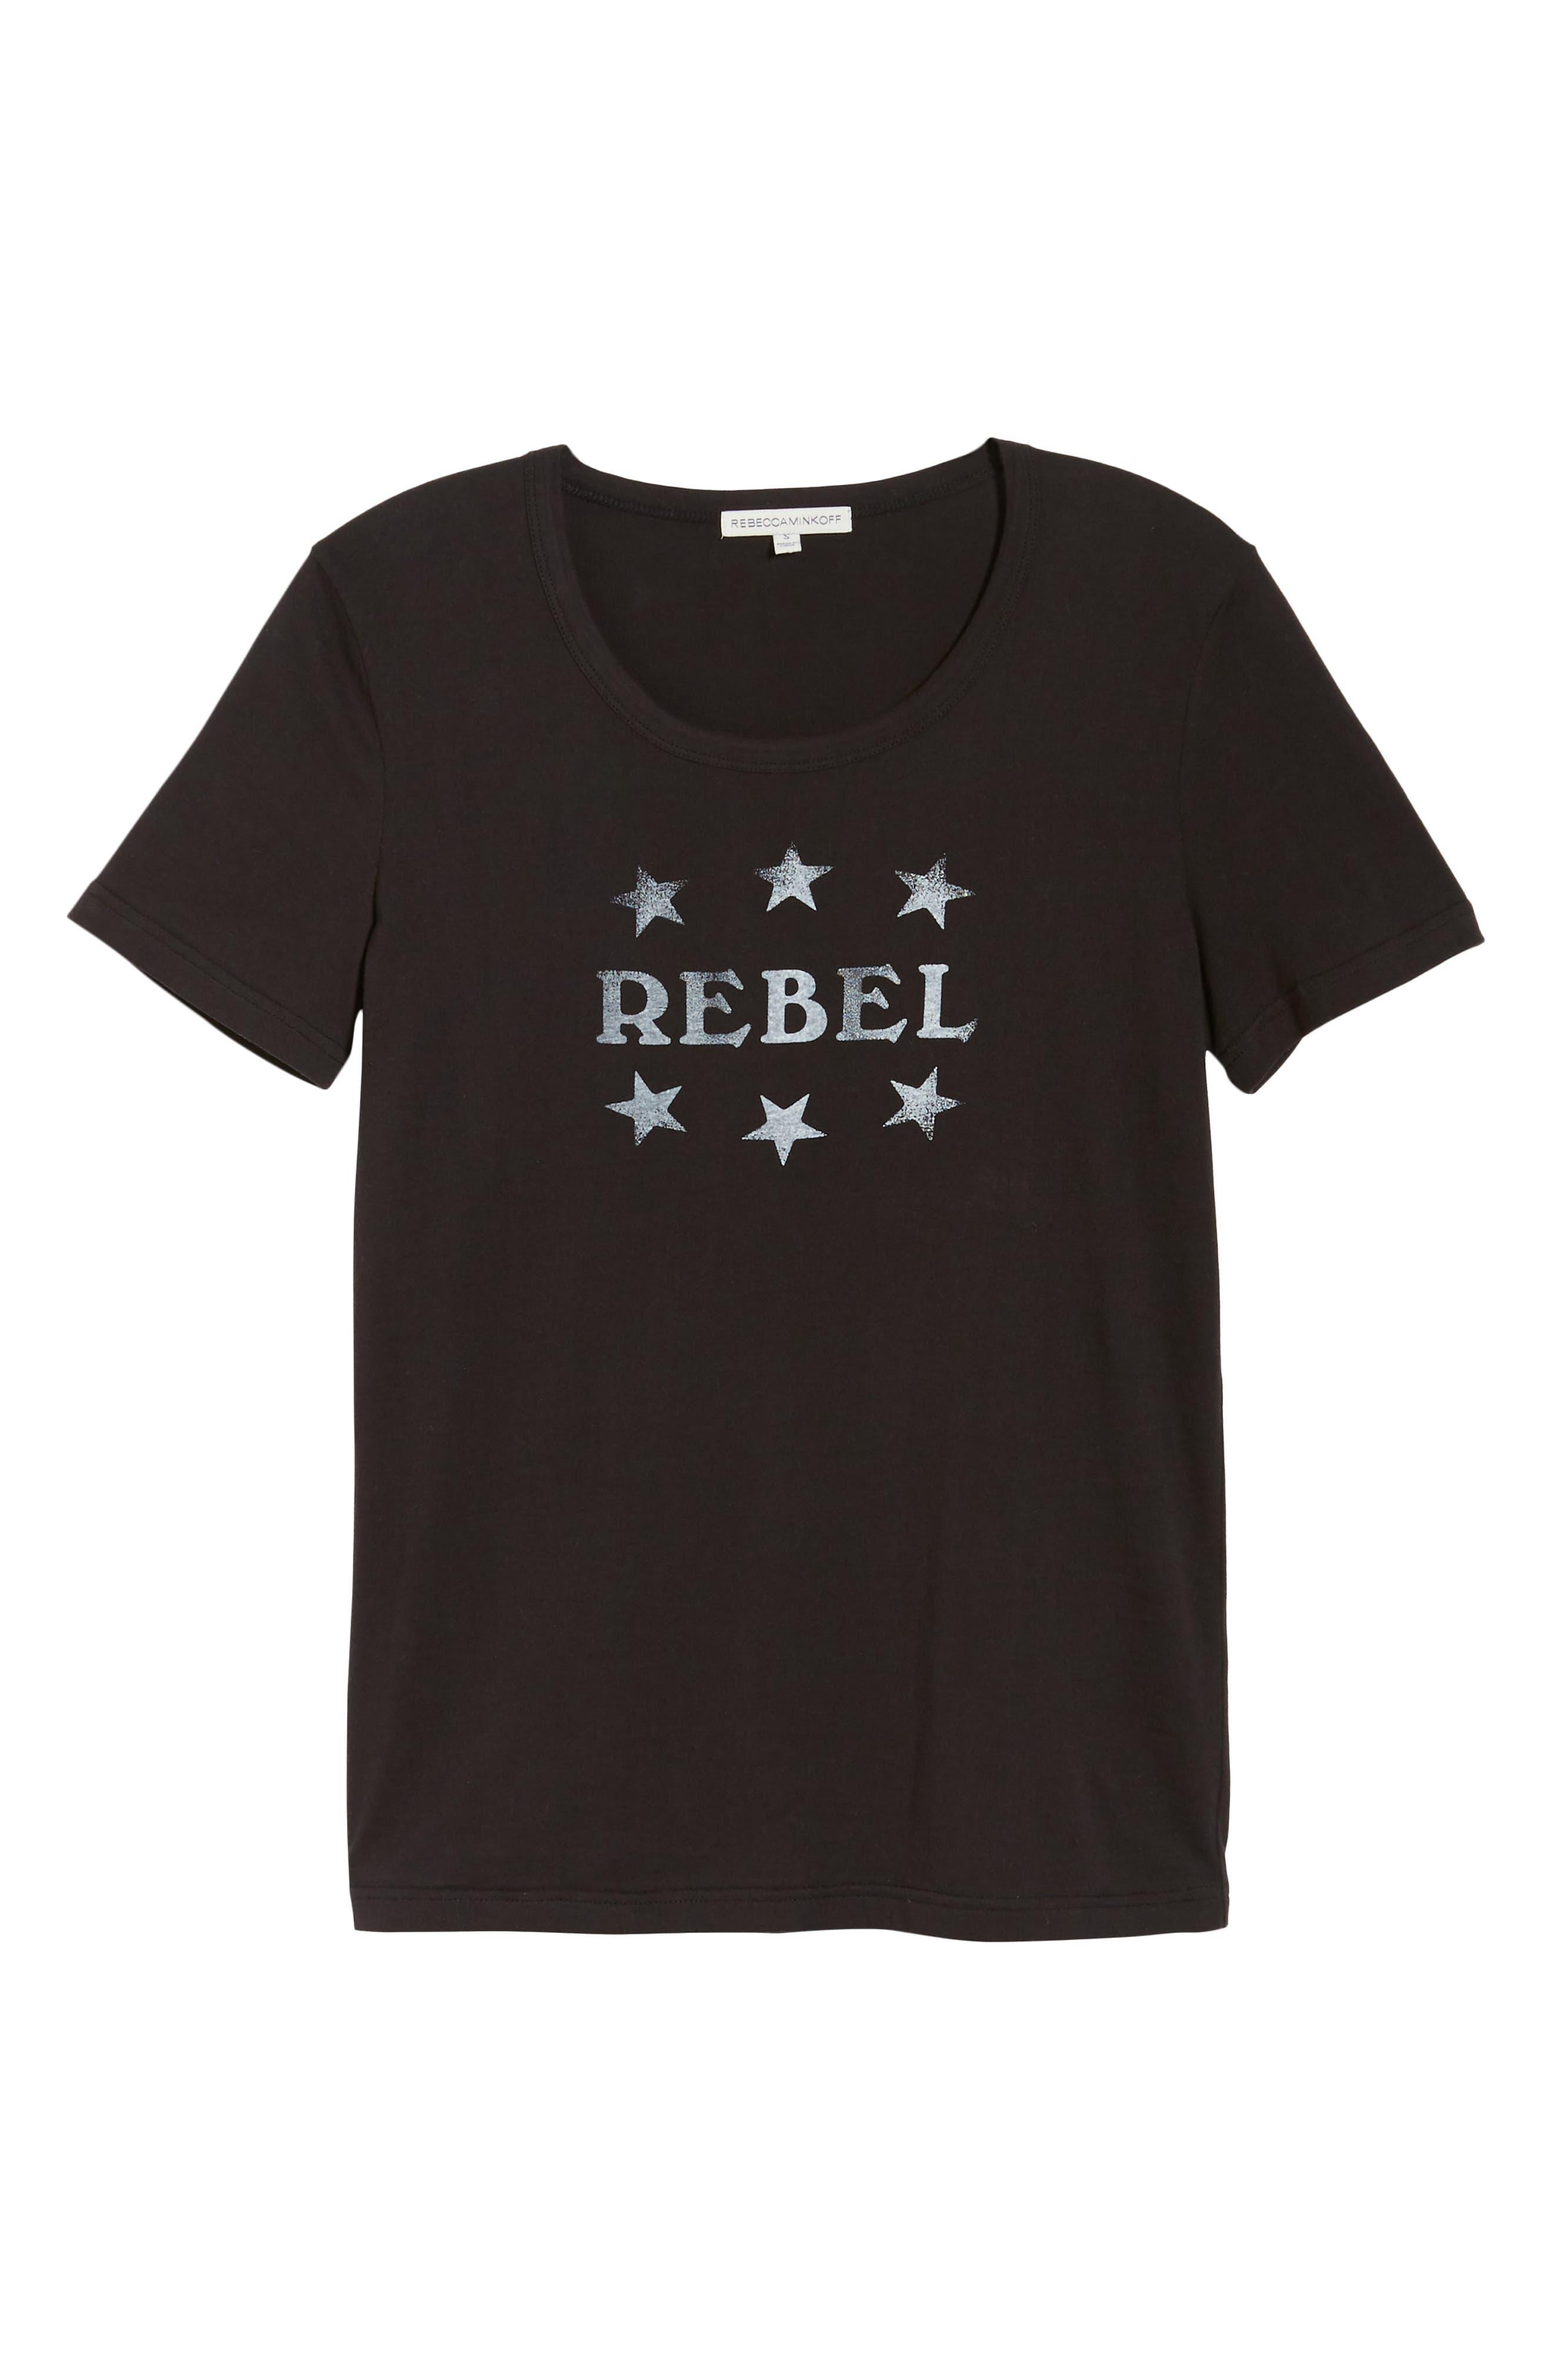 Rebel Ava Tee,                             Alternate thumbnail 6, color,                             BLACK/ WHITE